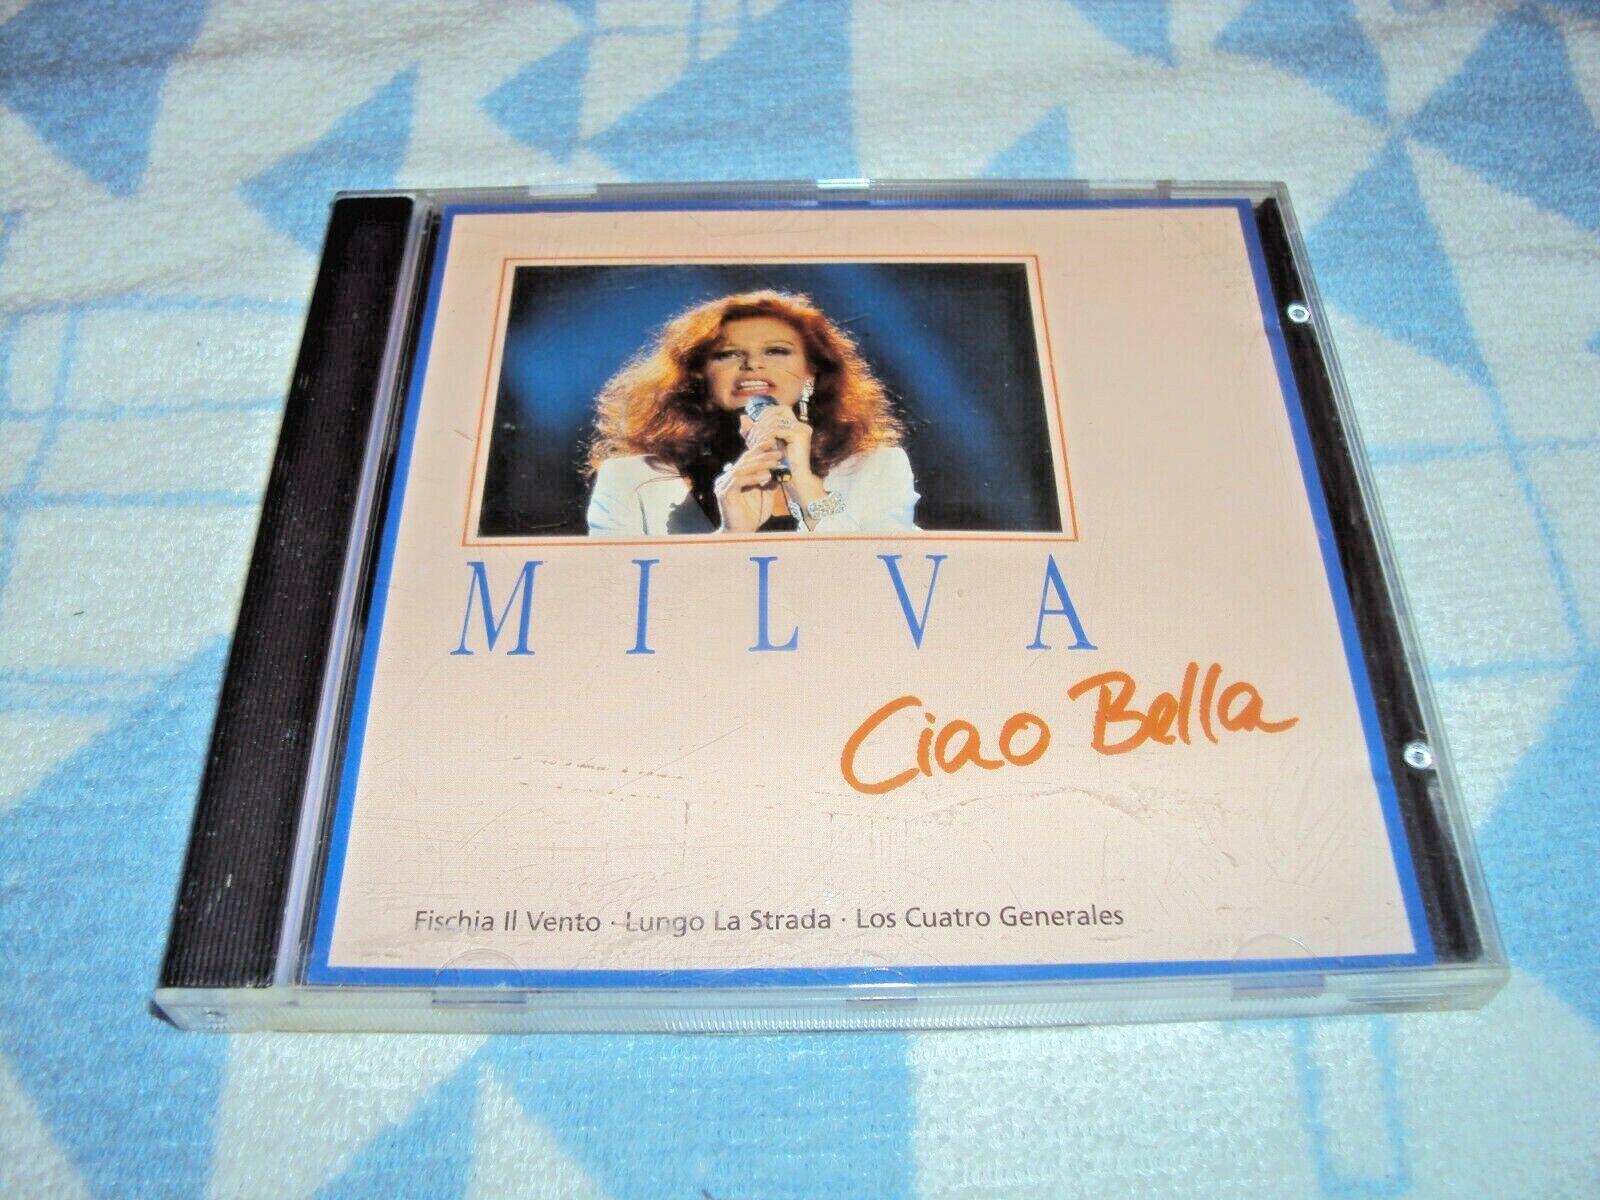 Milva Ciao Bella CD